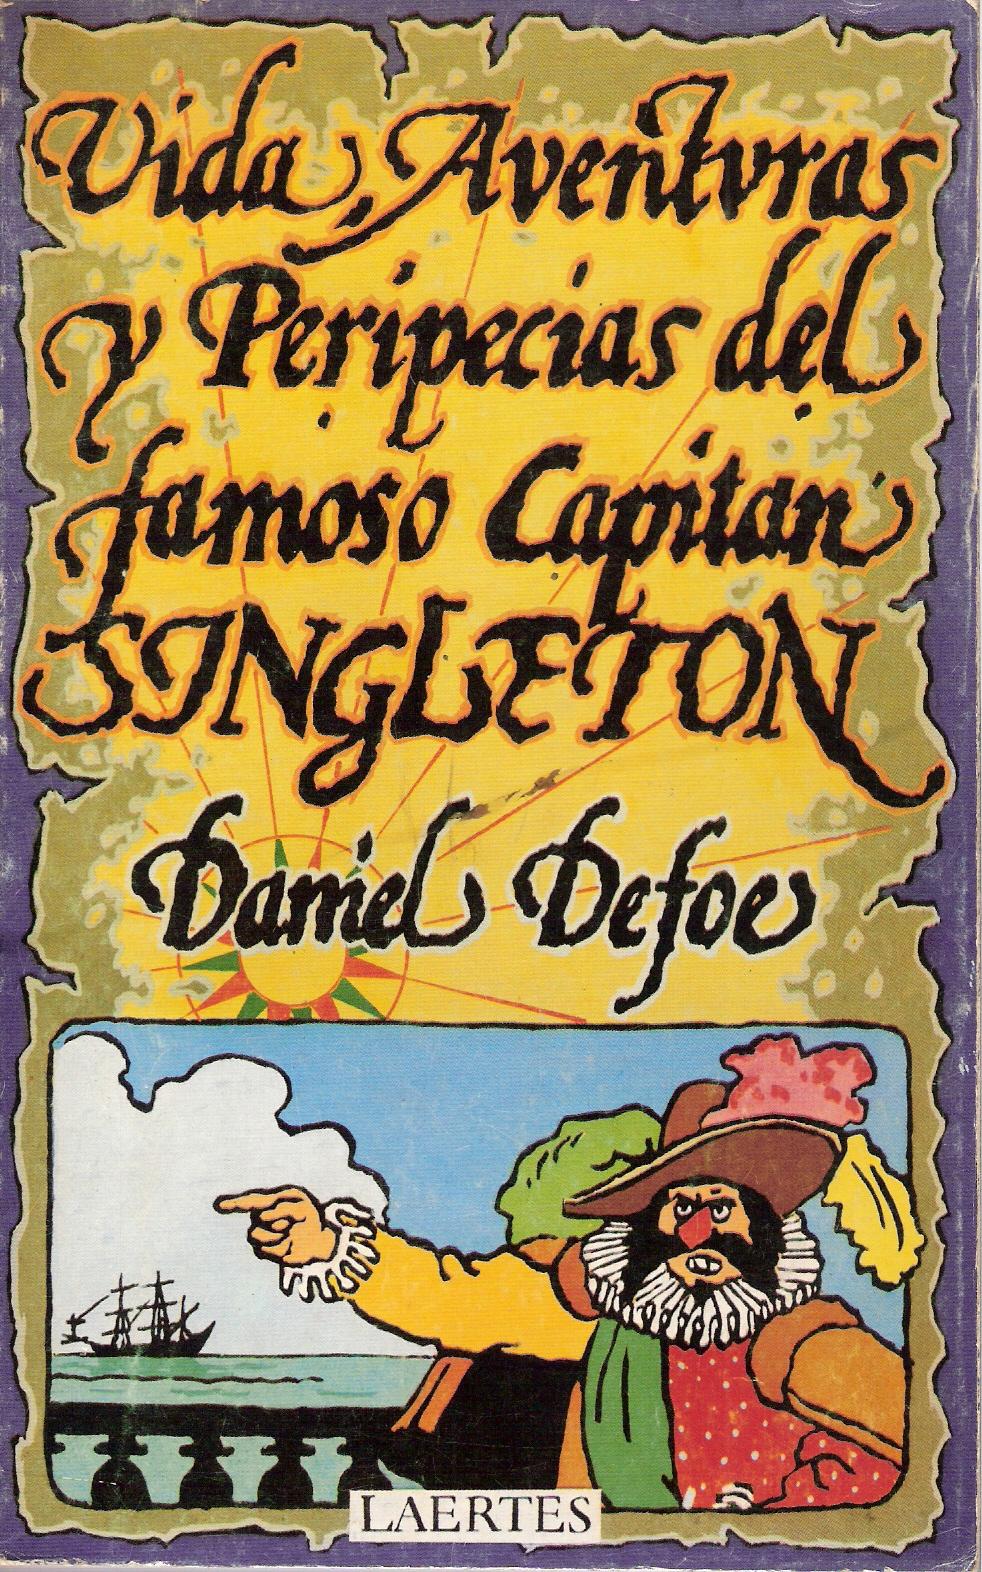 Vida,aventuras y peripecias del famoso capitán Singleton